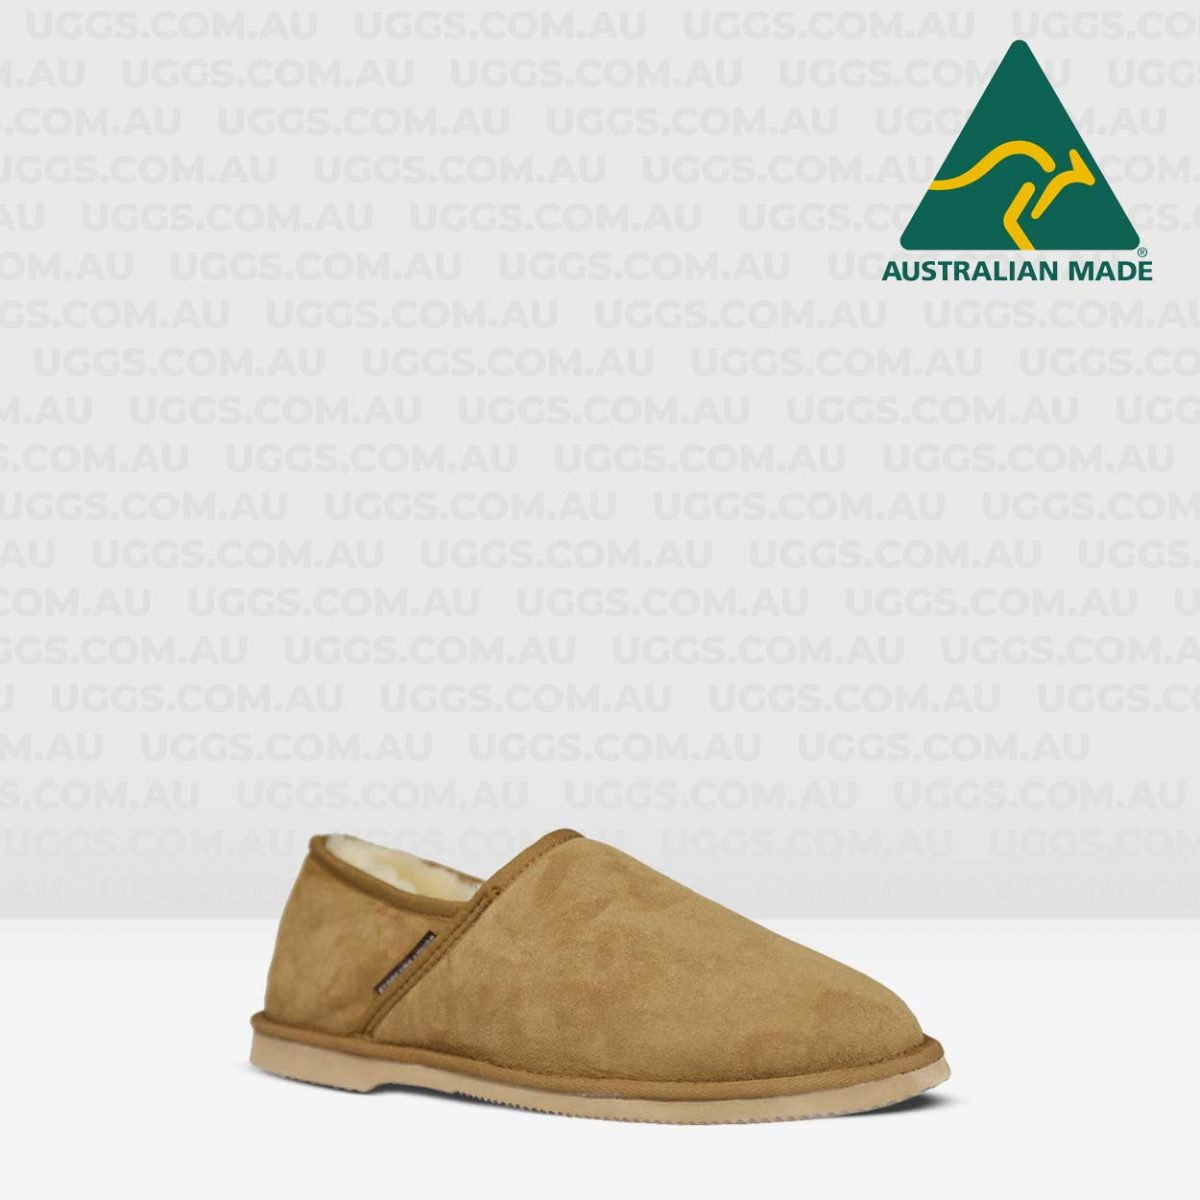 sheepskin ugg slippers chestnut